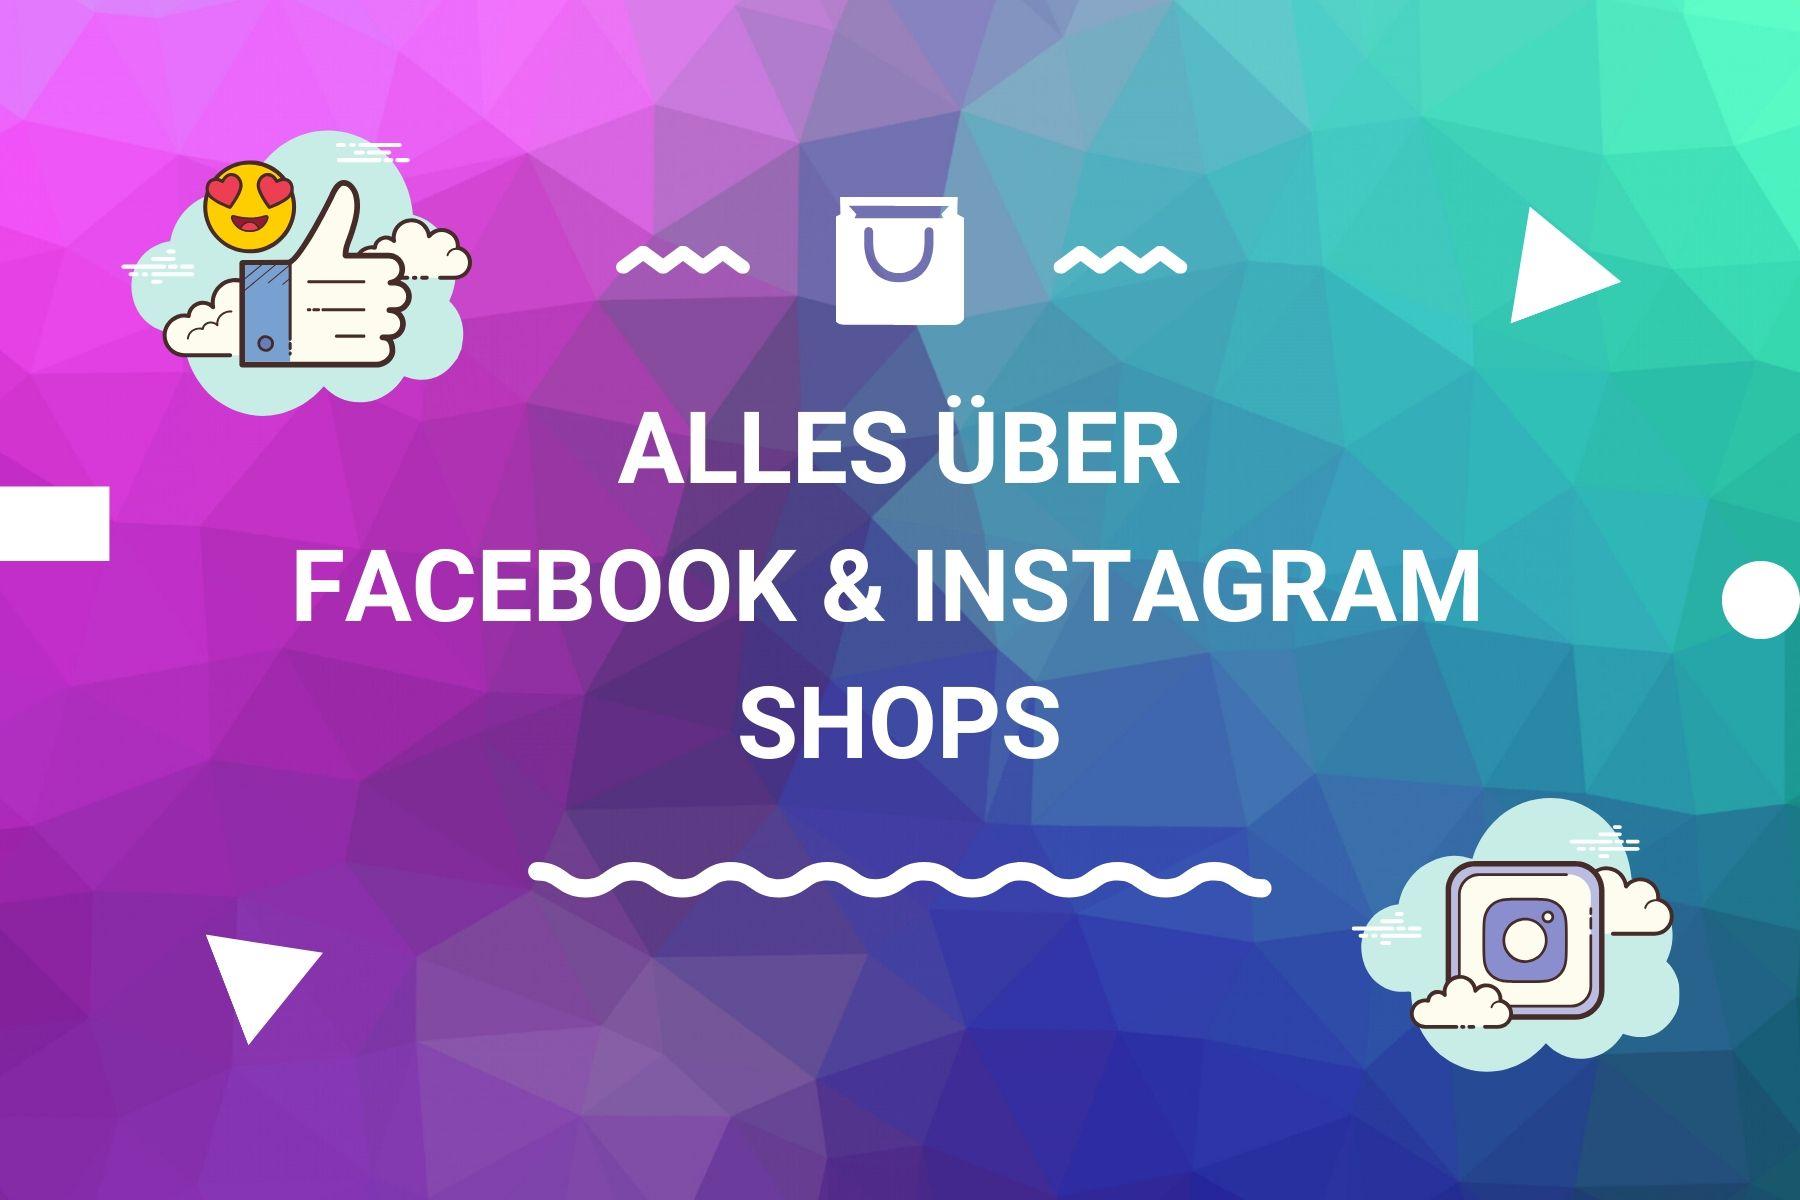 Der Überblick zu Instagram und Facebook Shops. Alle Funktionen im Überblick. - allfacebook.de